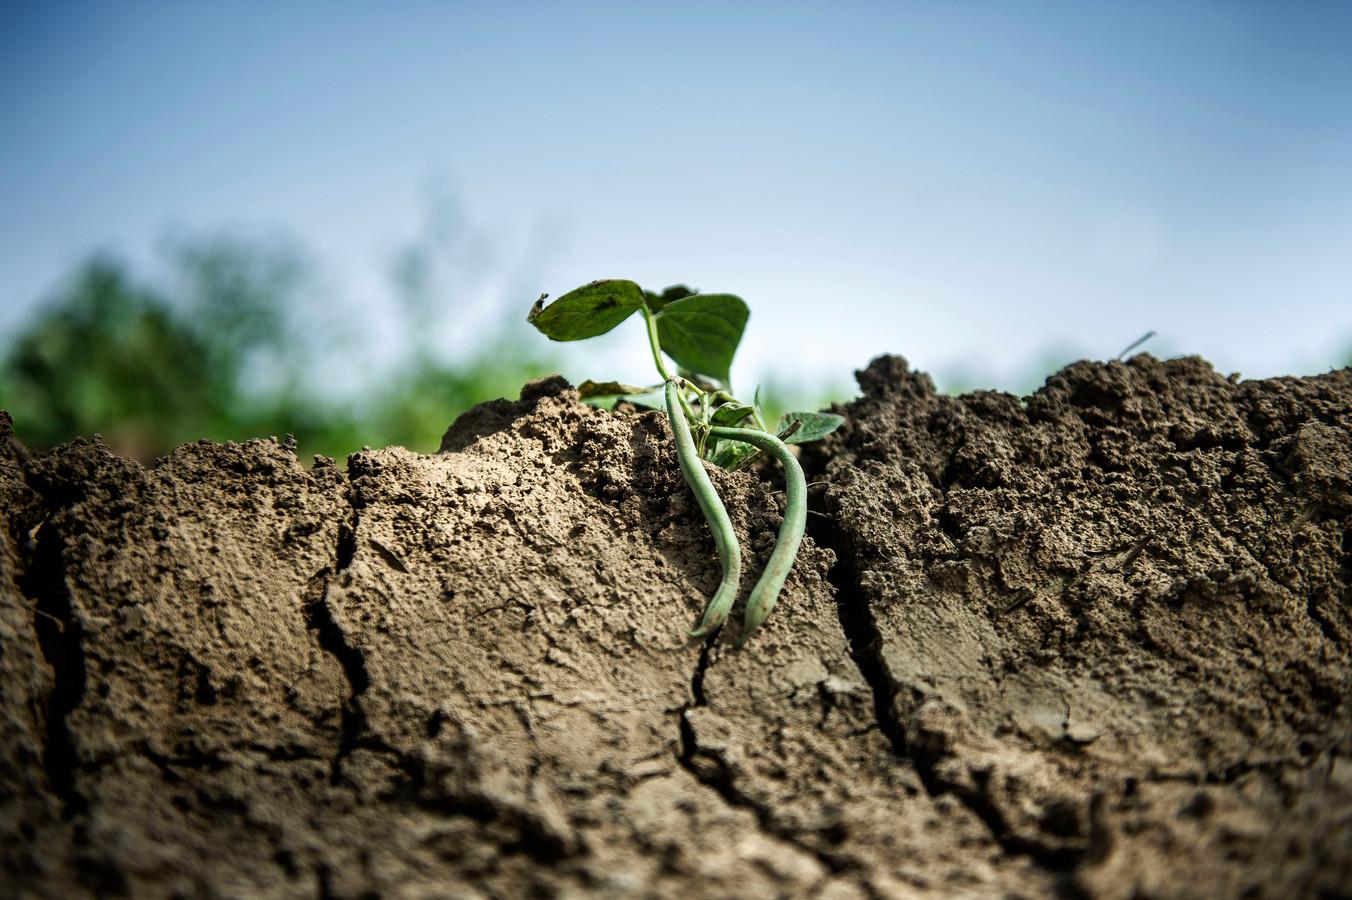 Droge akker met bonen afgelopen zomer. Als het de komende weken ook droog blijft, starten sommige boeren het groeiseizoen met een beregeningsverbod.